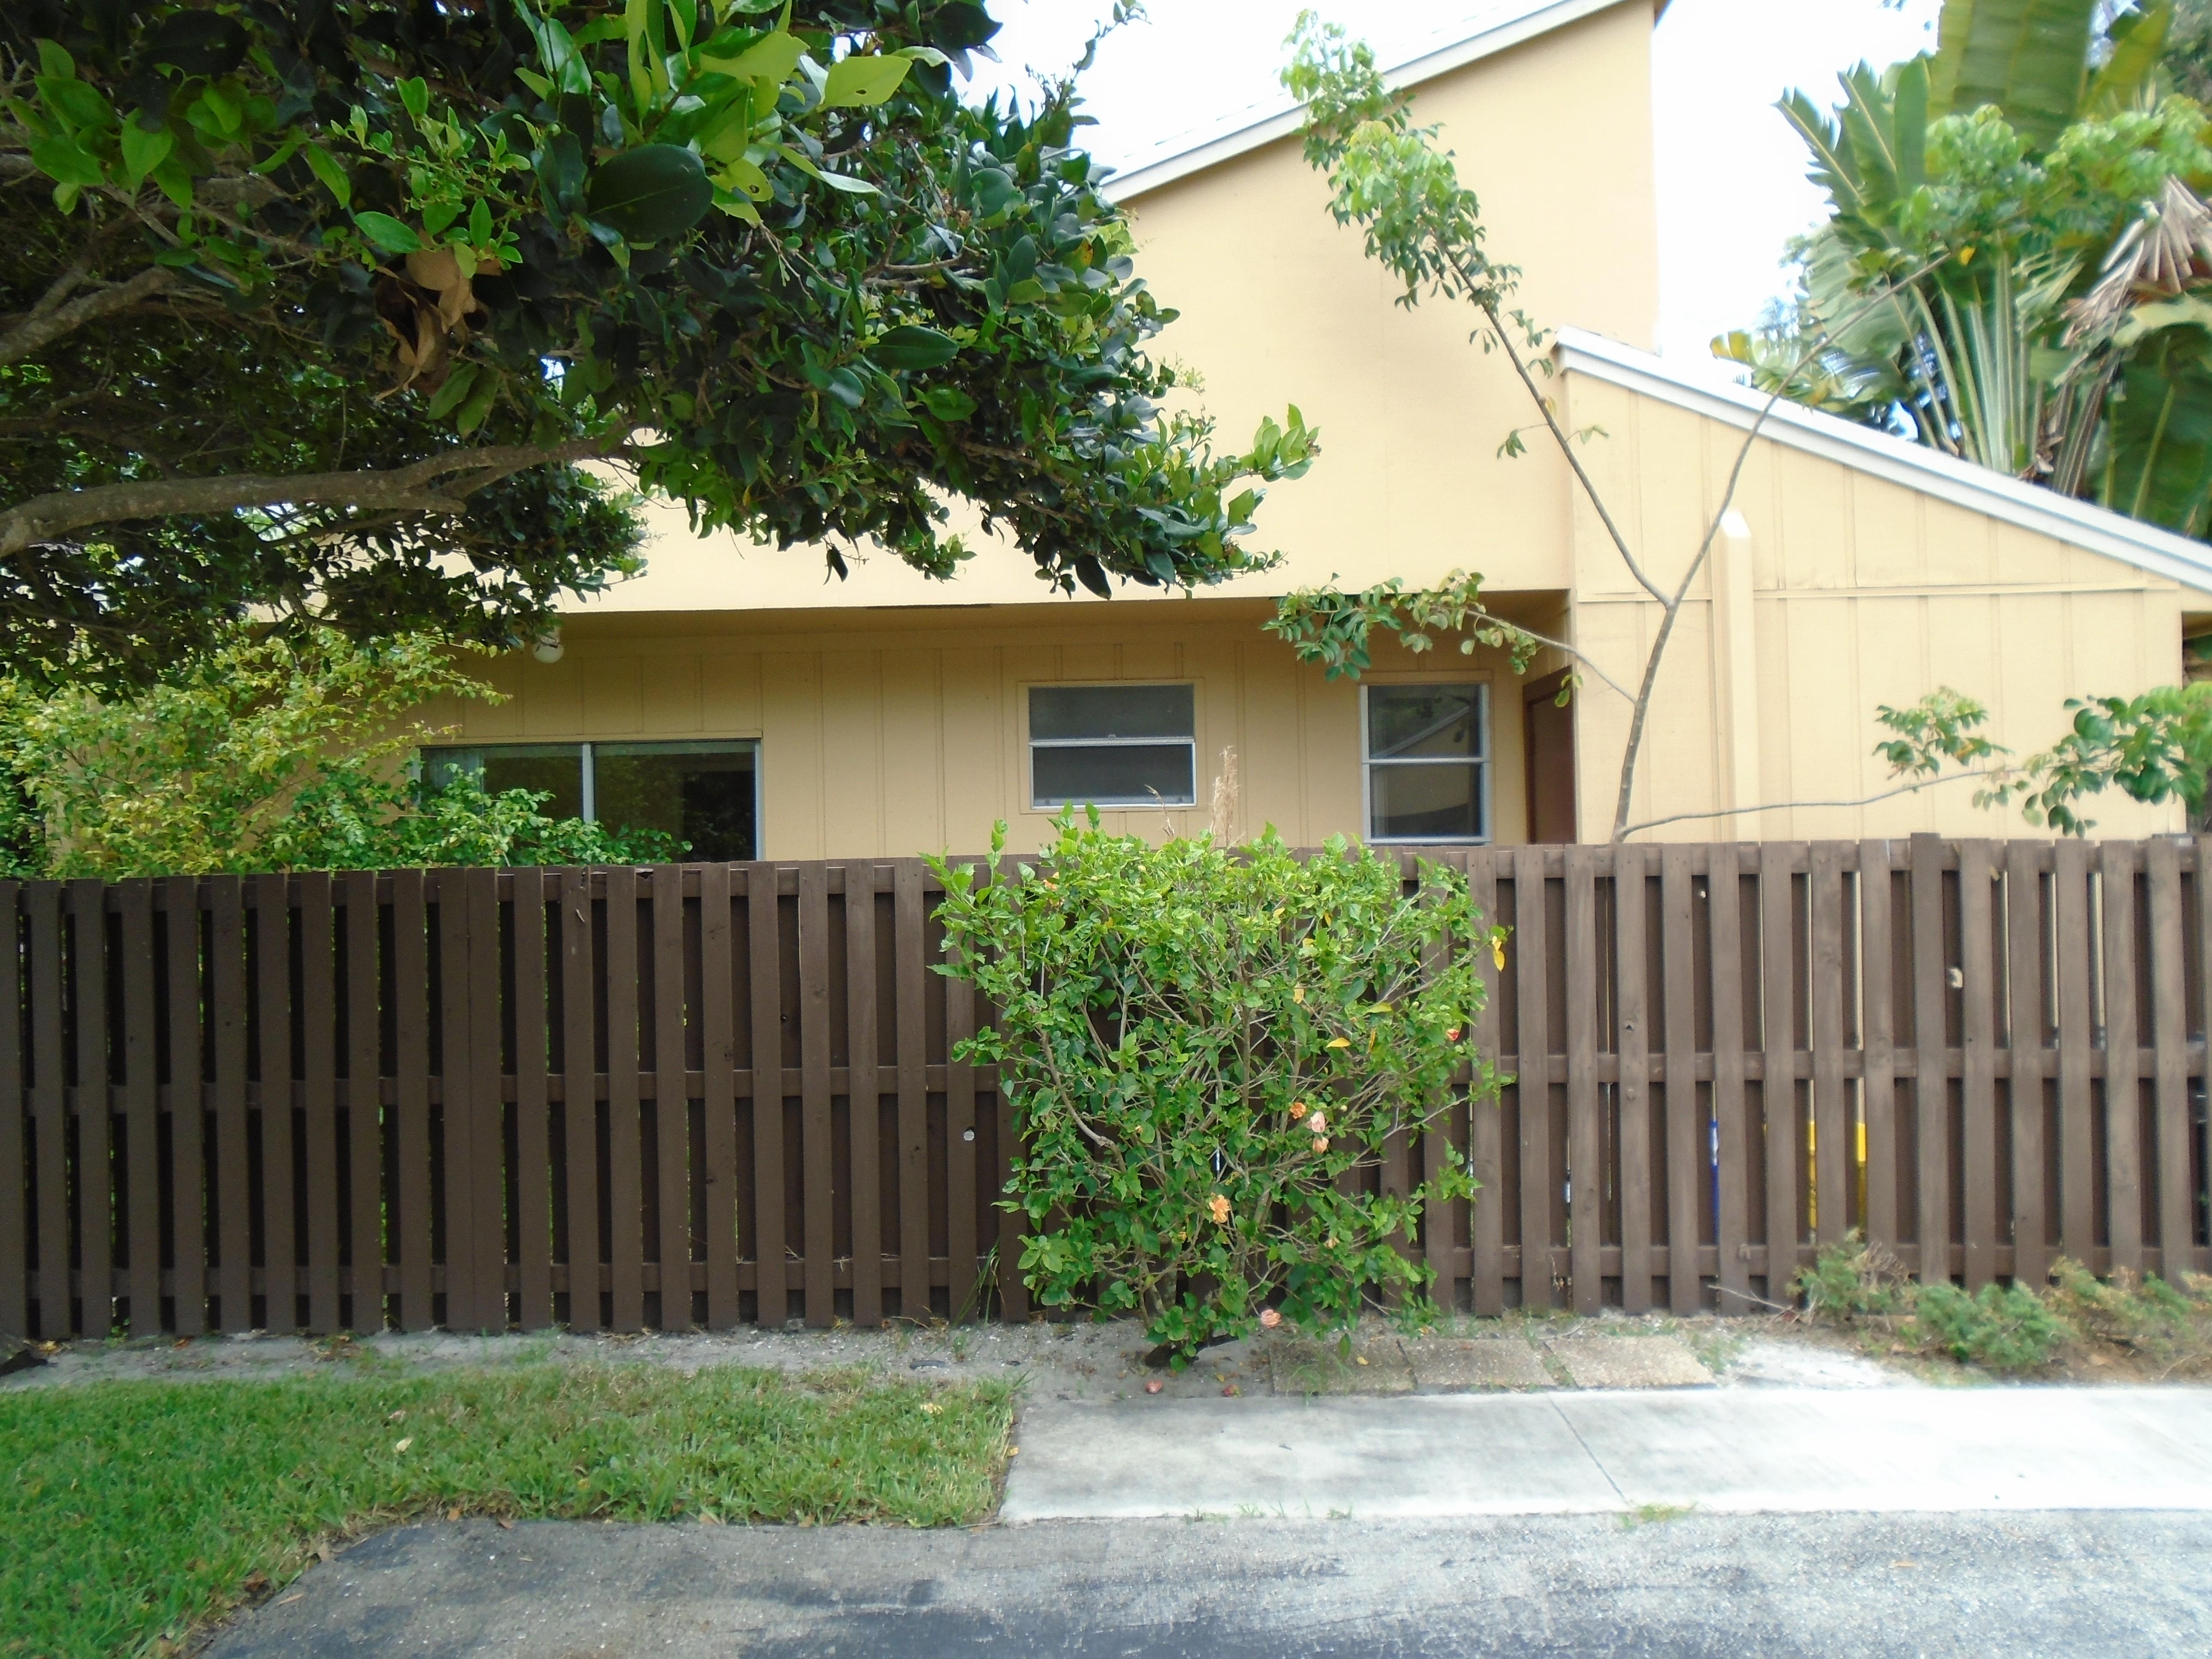 22299 Whistling Pines Lane Boca Raton Fl 33428 3 Bedroom Apartment For Rent Padmapper